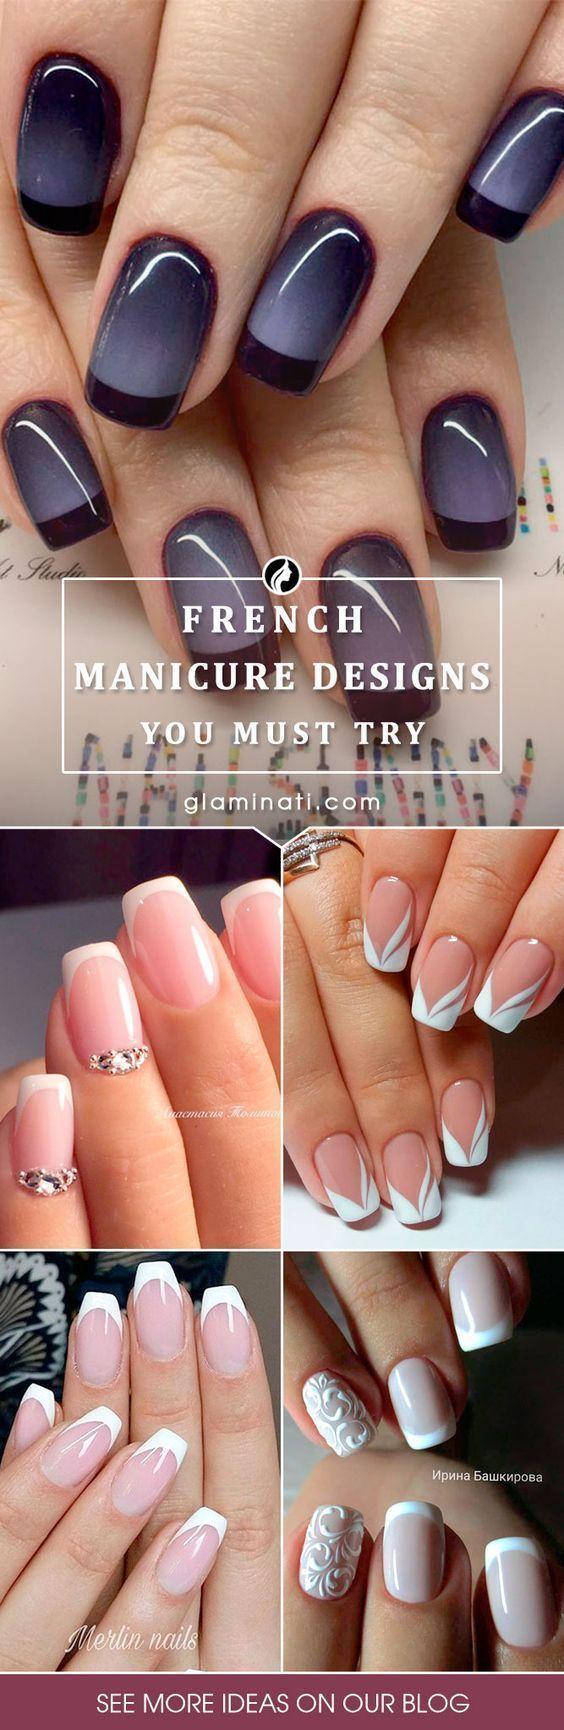 法国美甲修指甲的设计本季更为复杂。点击查看我们最喜欢的法式美甲设计。